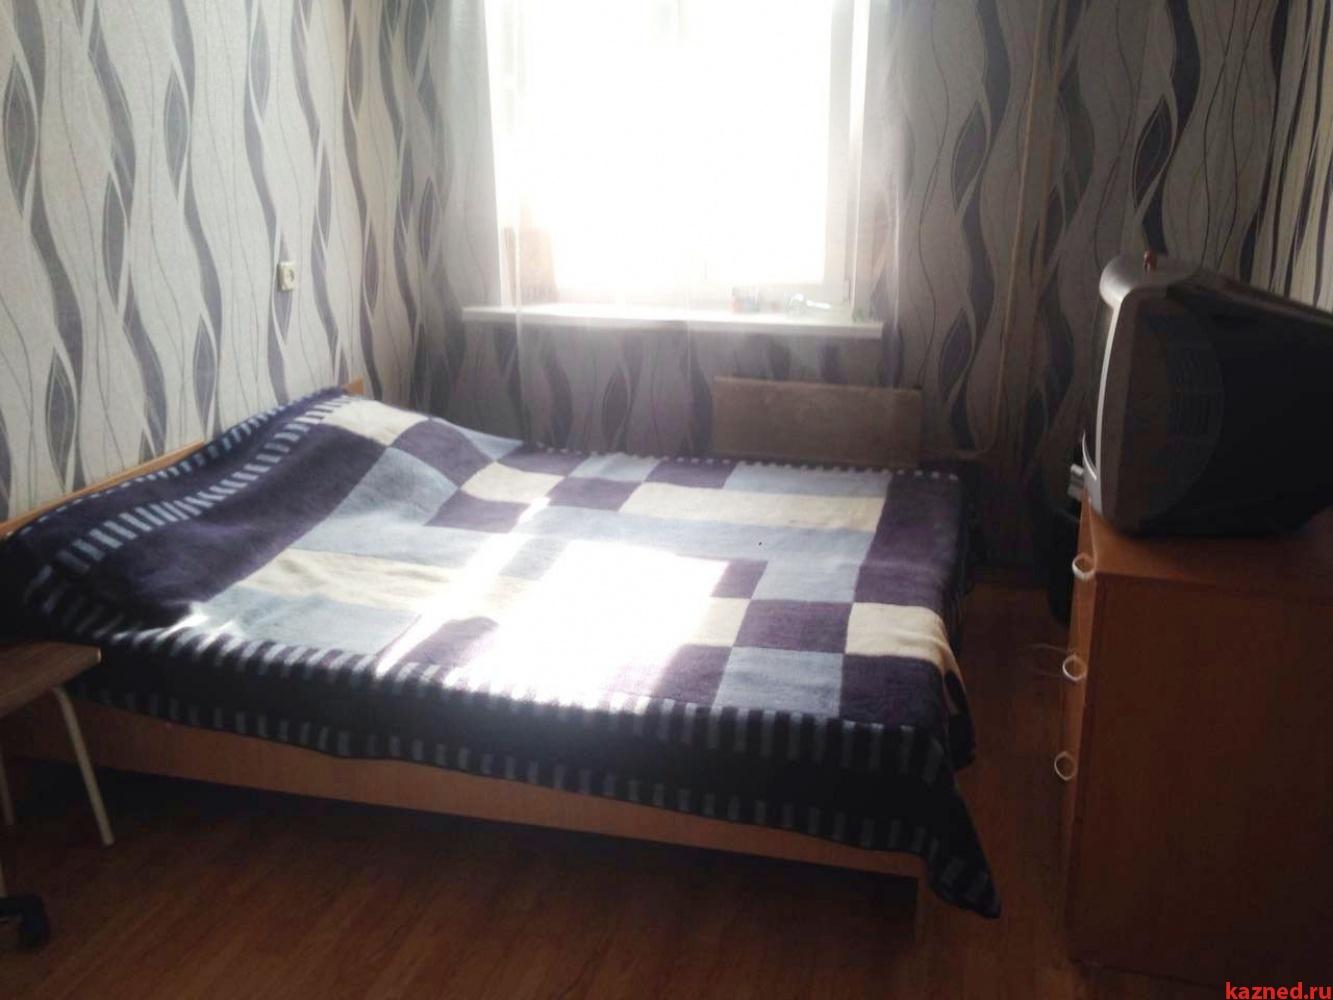 Продажа 2-к квартиры Рихарда Зорге ул, 121, 54 м² (миниатюра №2)